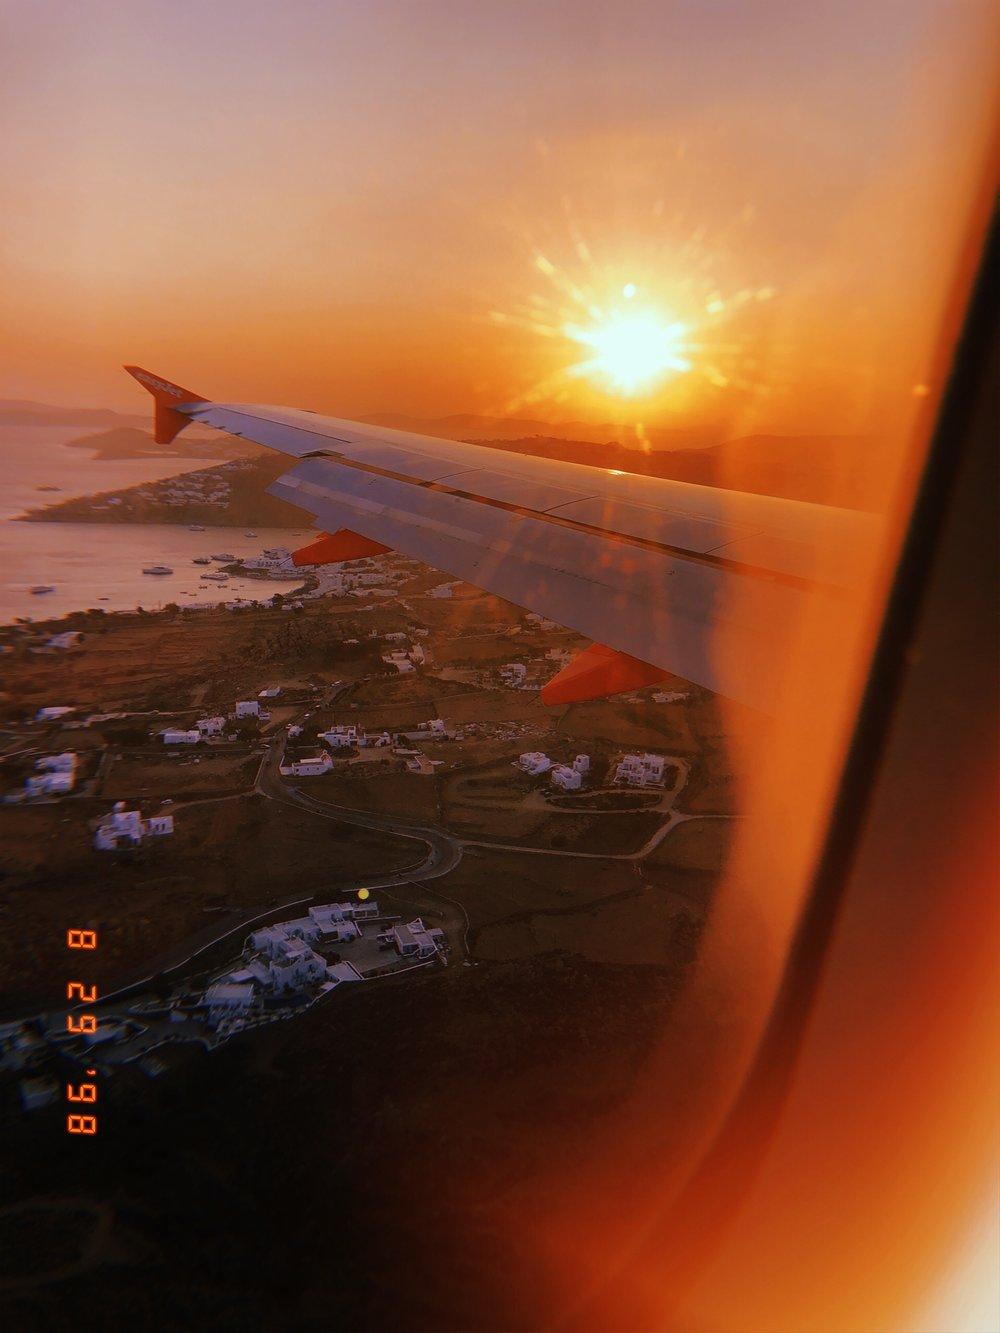 TRAVEL KITS - linspo travel hack